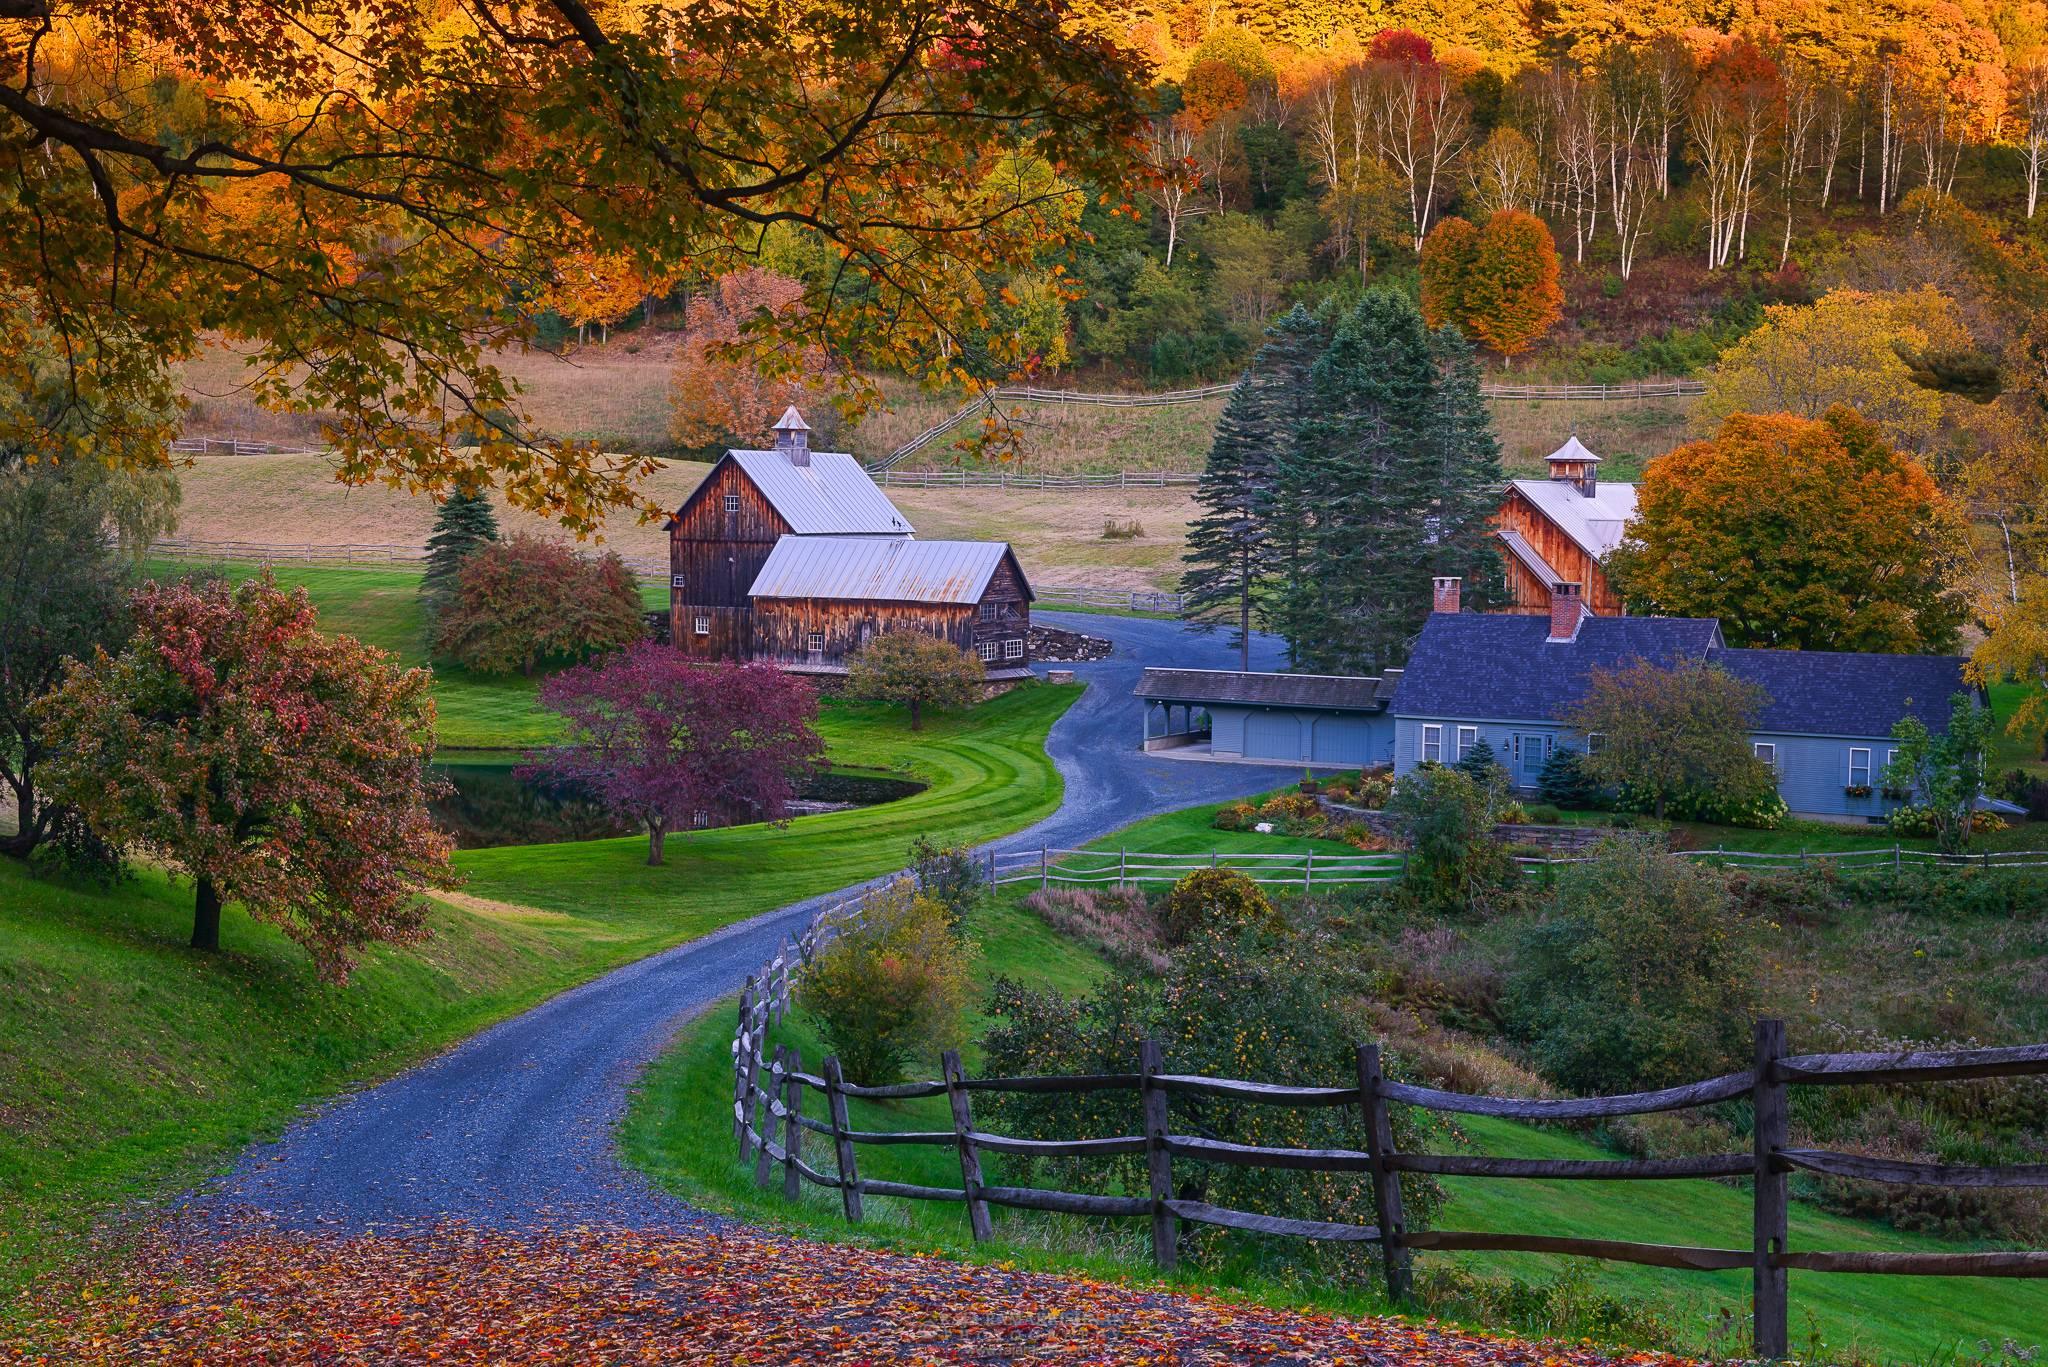 Vermont, осень, дорога